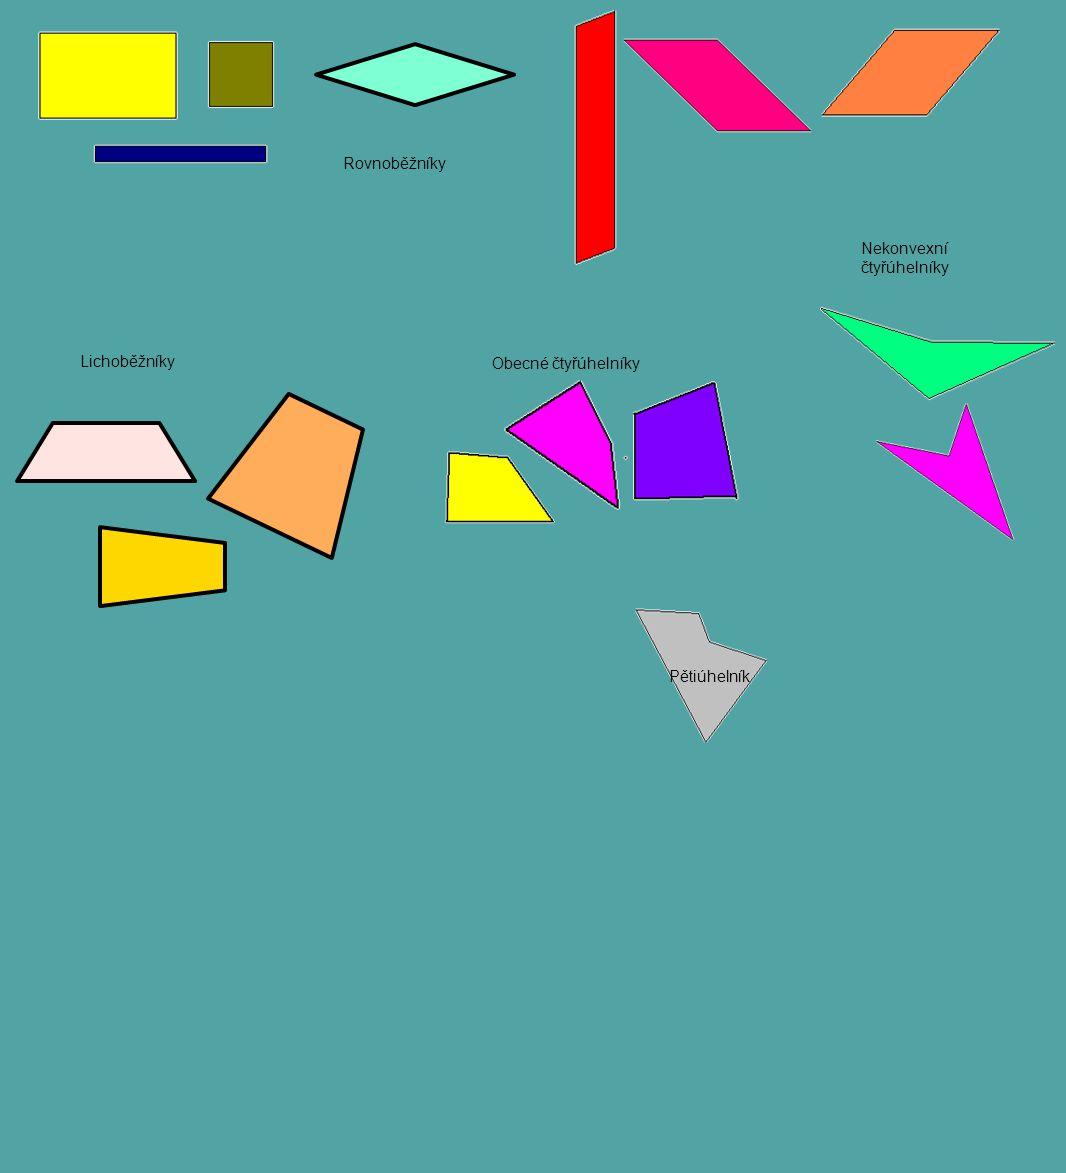 Rovnoběžníky Lichoběžníky Obecné čtyřúhelníky Nekonvexní čtyřúhelníky Pětiúhelník